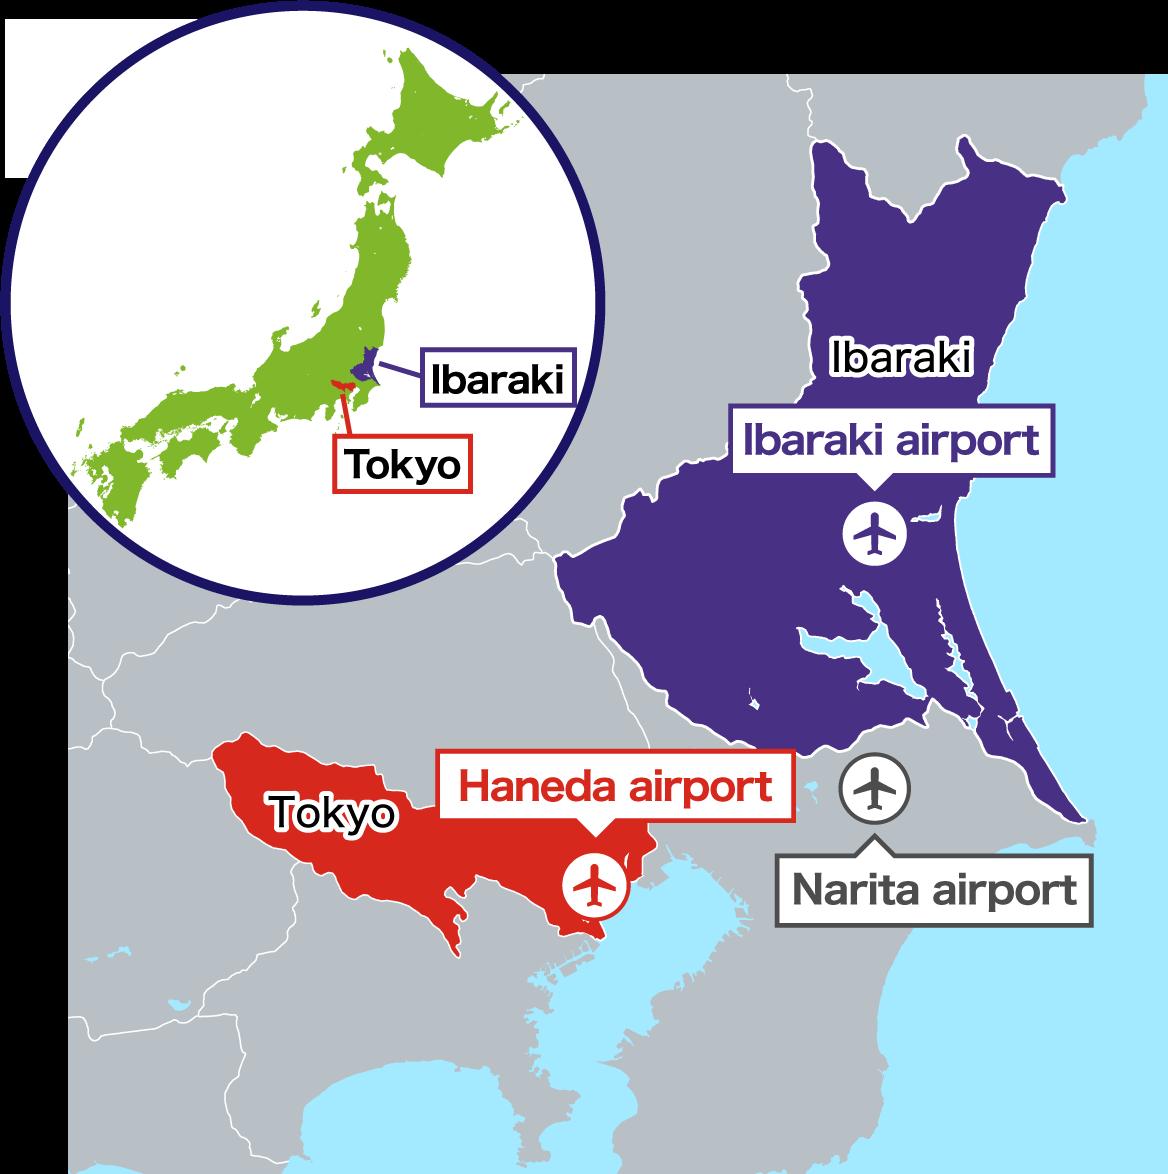 茨城県周辺地図